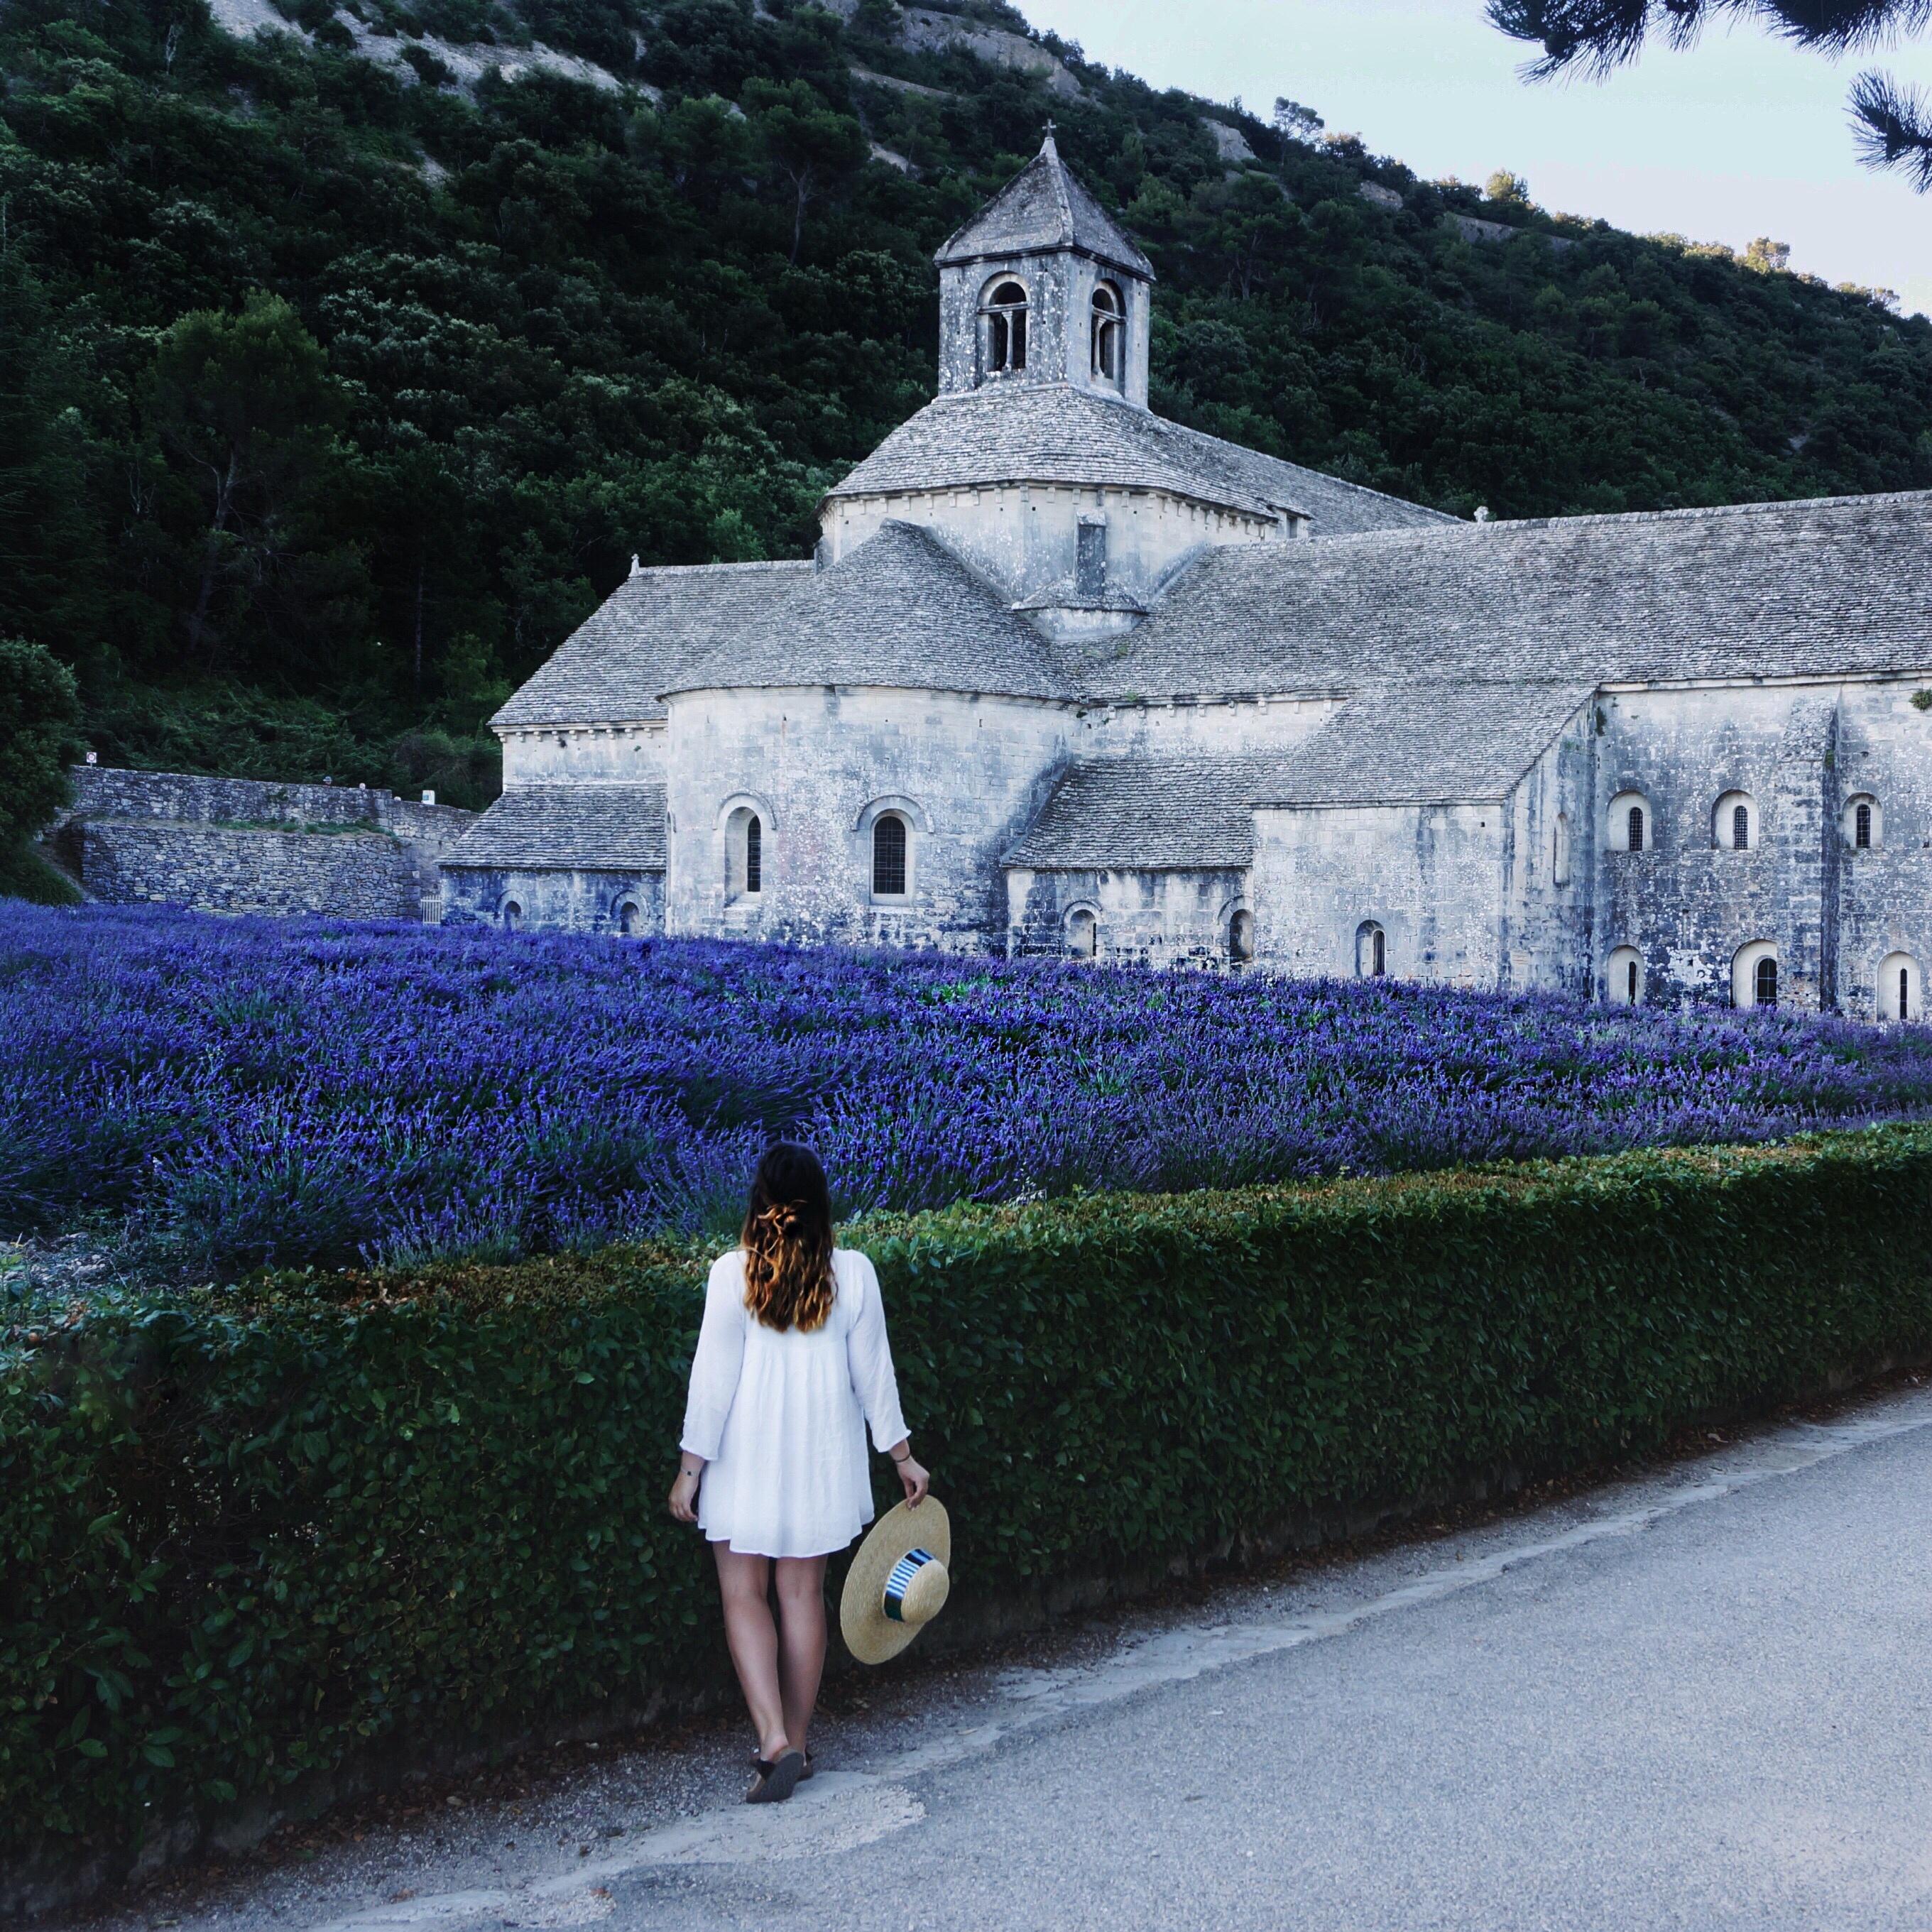 Lavendelblüte, Frankreich Provence Highlights urlaub Frankreich Sehenswürdigkeiten